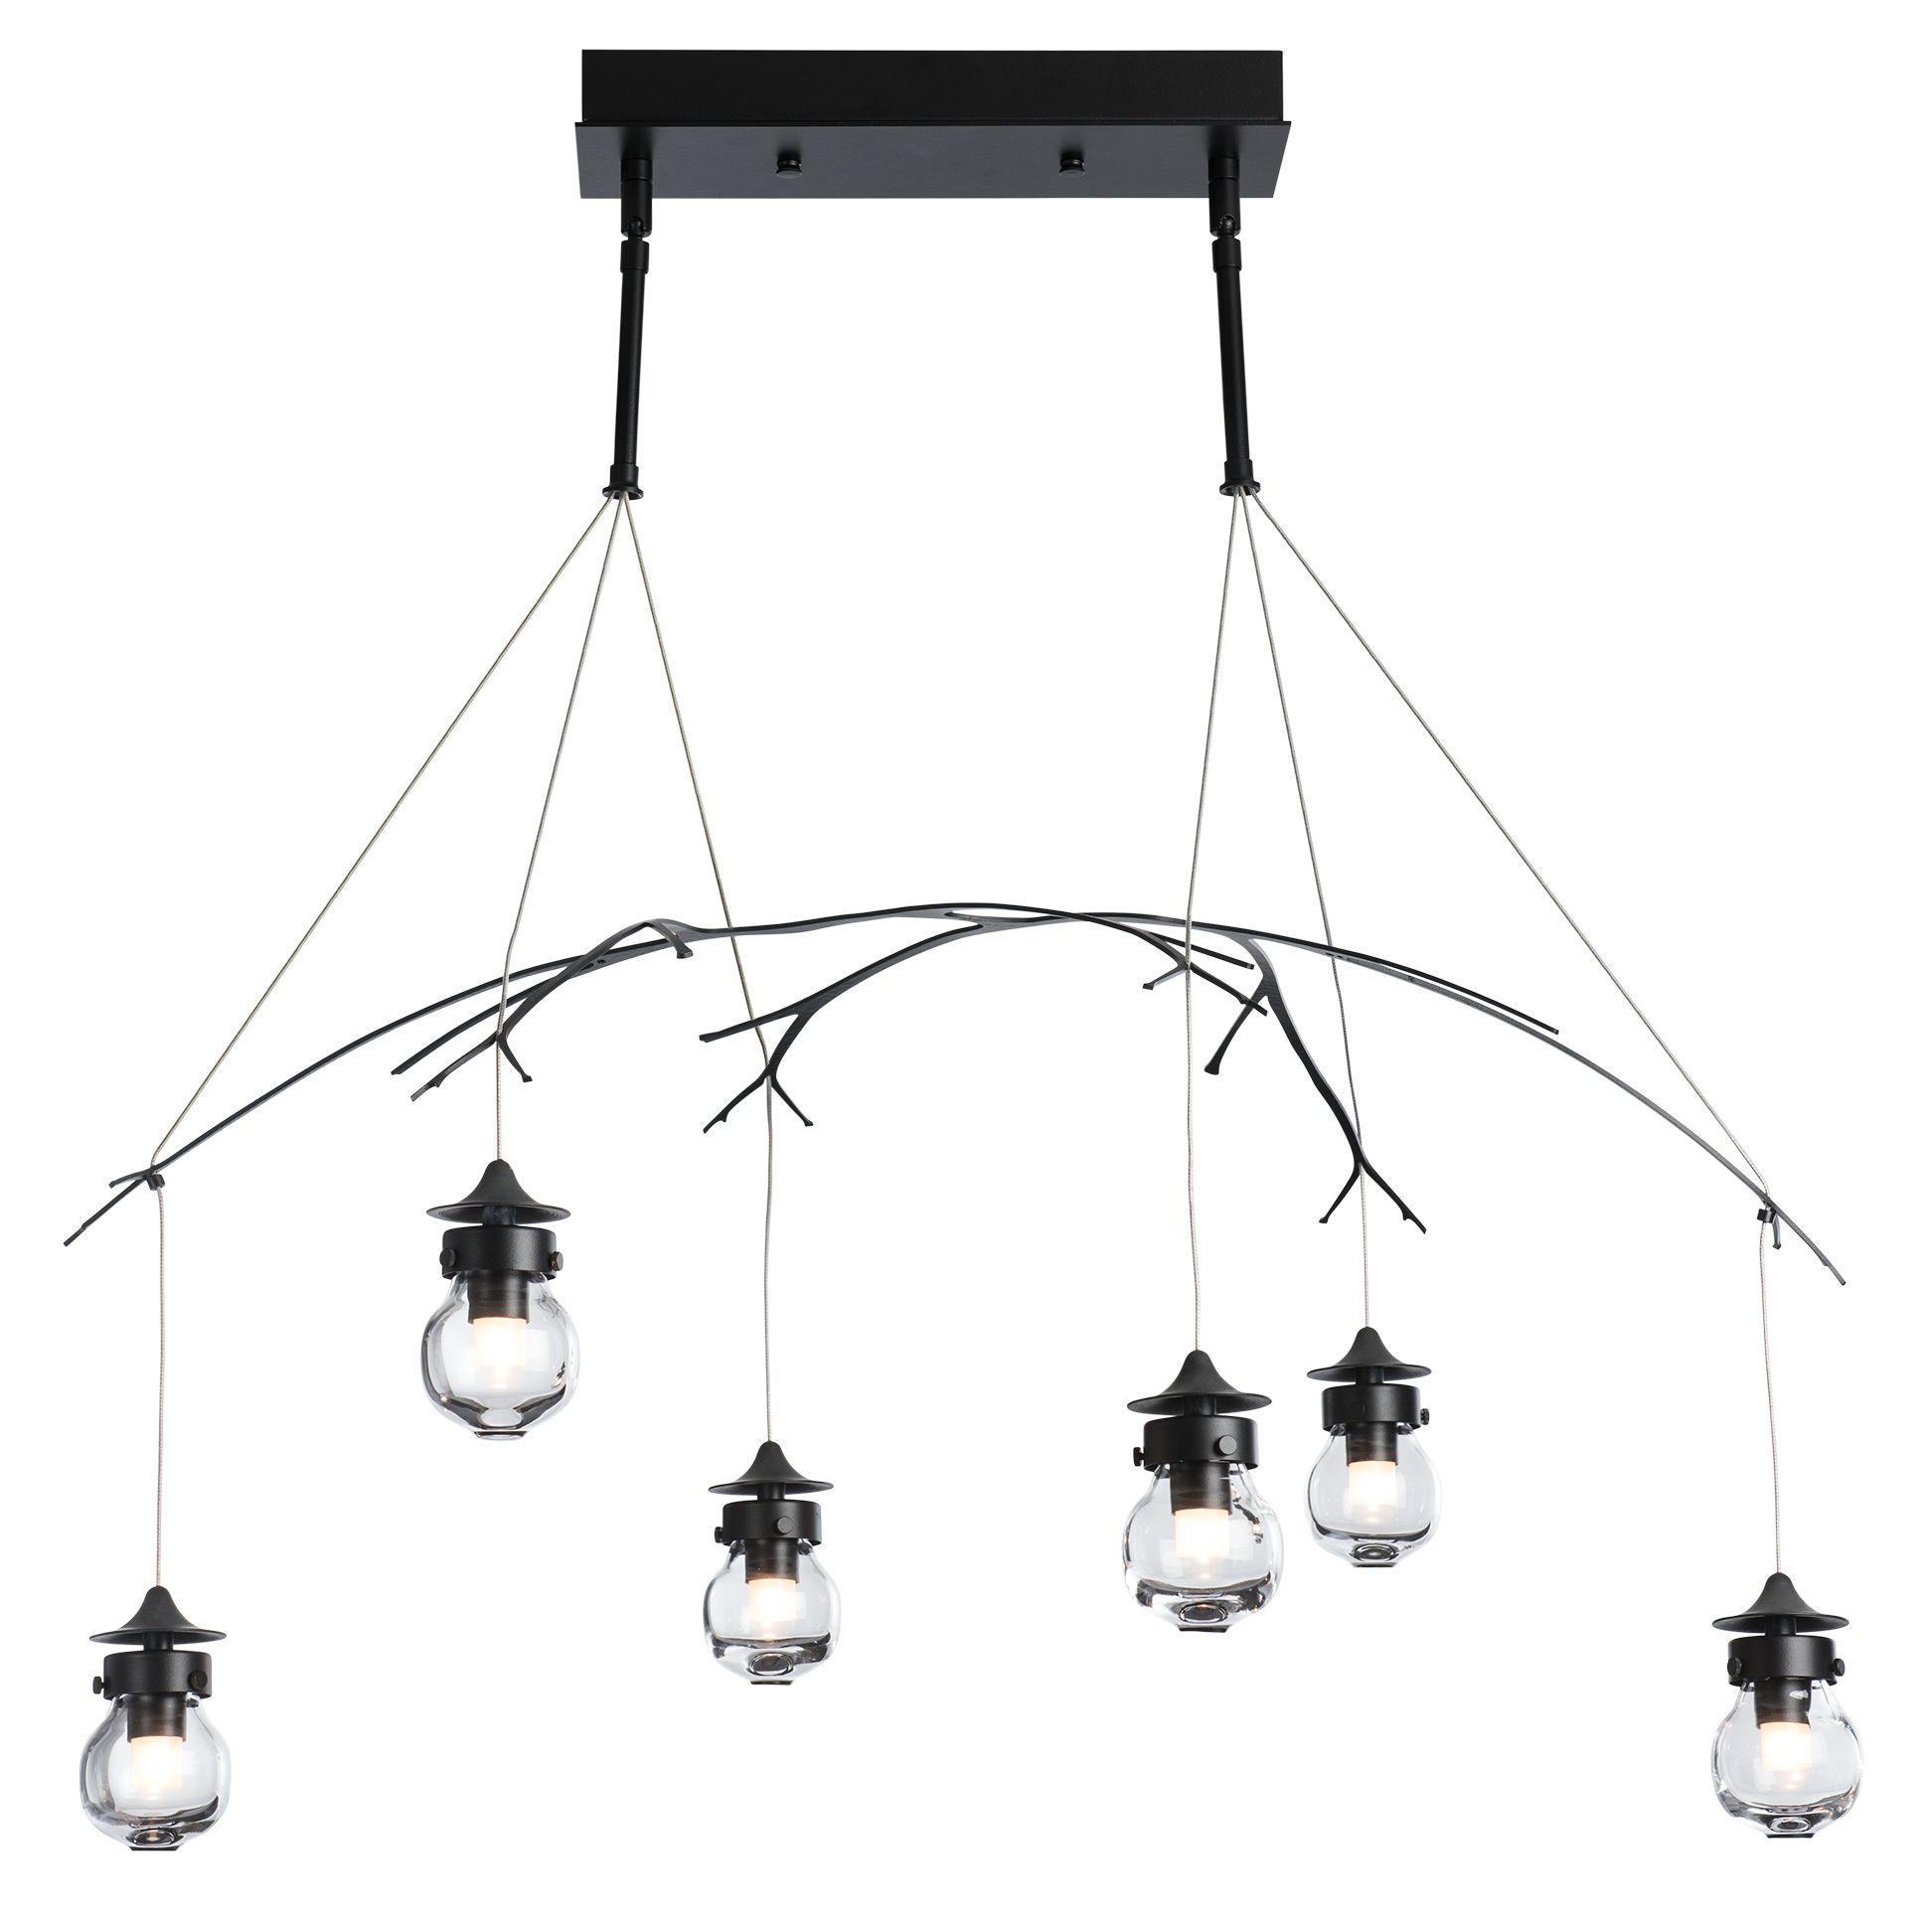 Kiwi chandelier by vermont modern 136560 1000